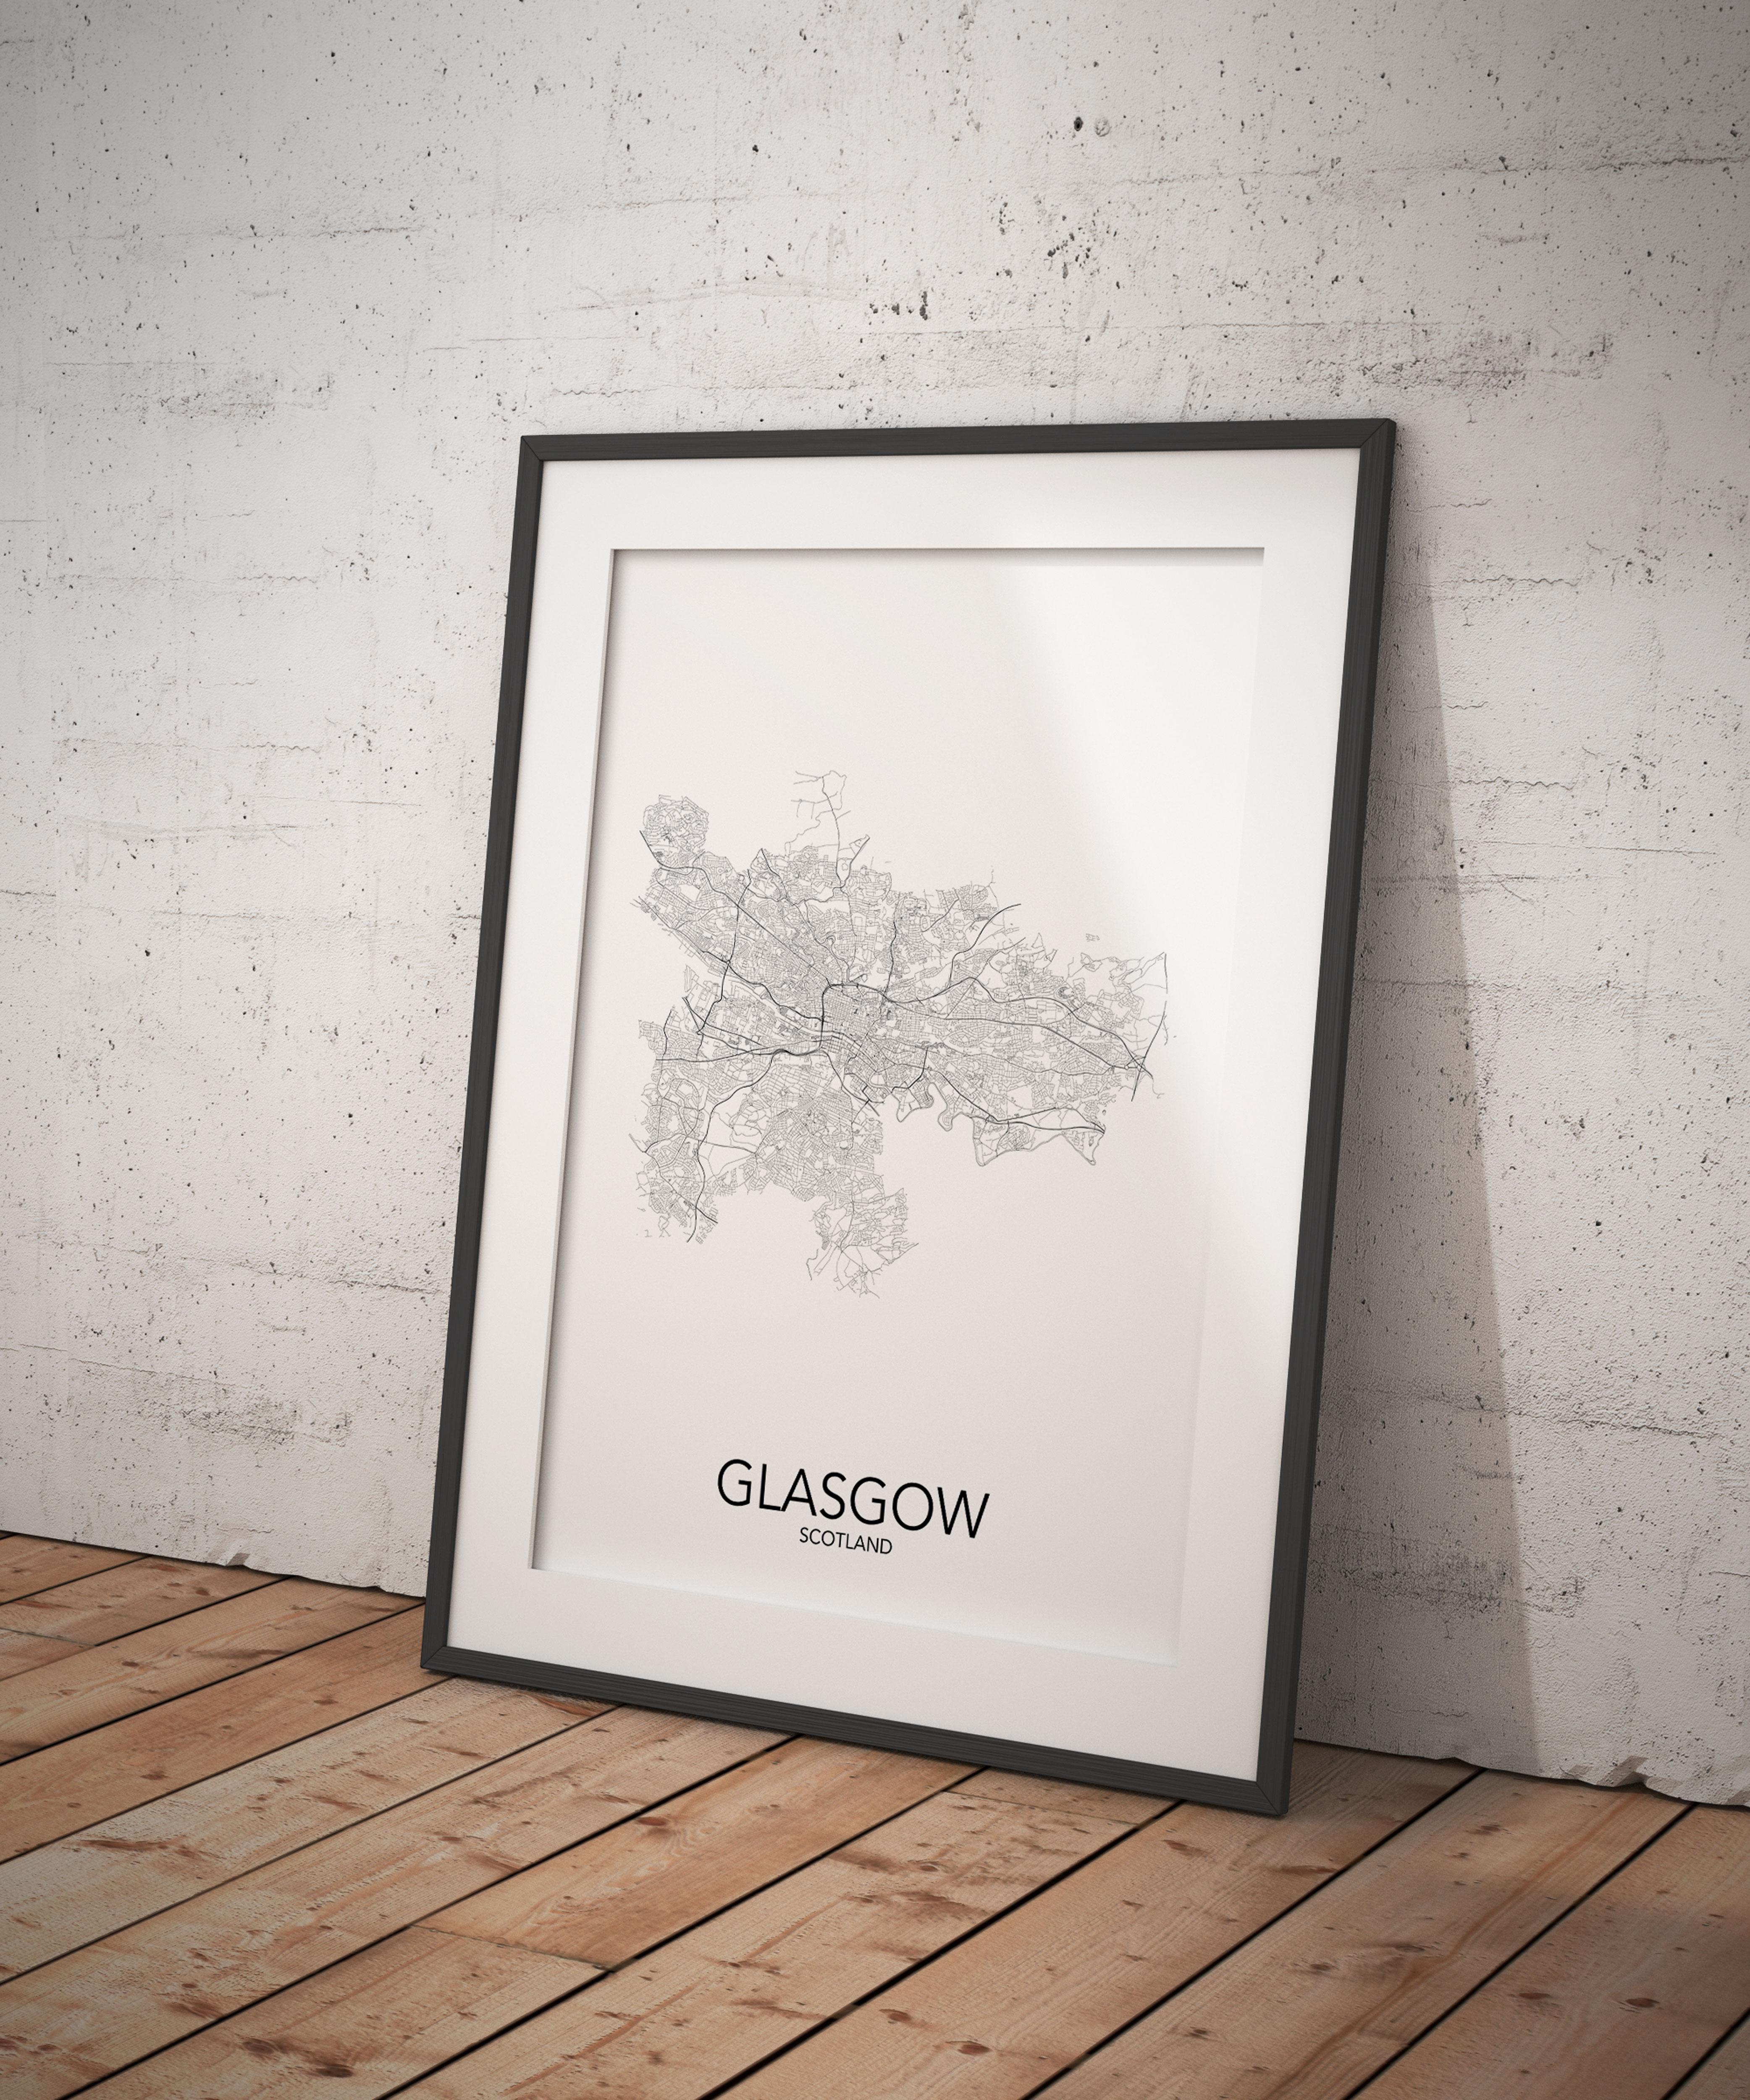 posterlin – Städteposter in schwarz-weiß der Stadtposterlin – Städteposter in schwarz-weiß der Stadtposterlin – Städteposter in schwarz-weiß der Stadt